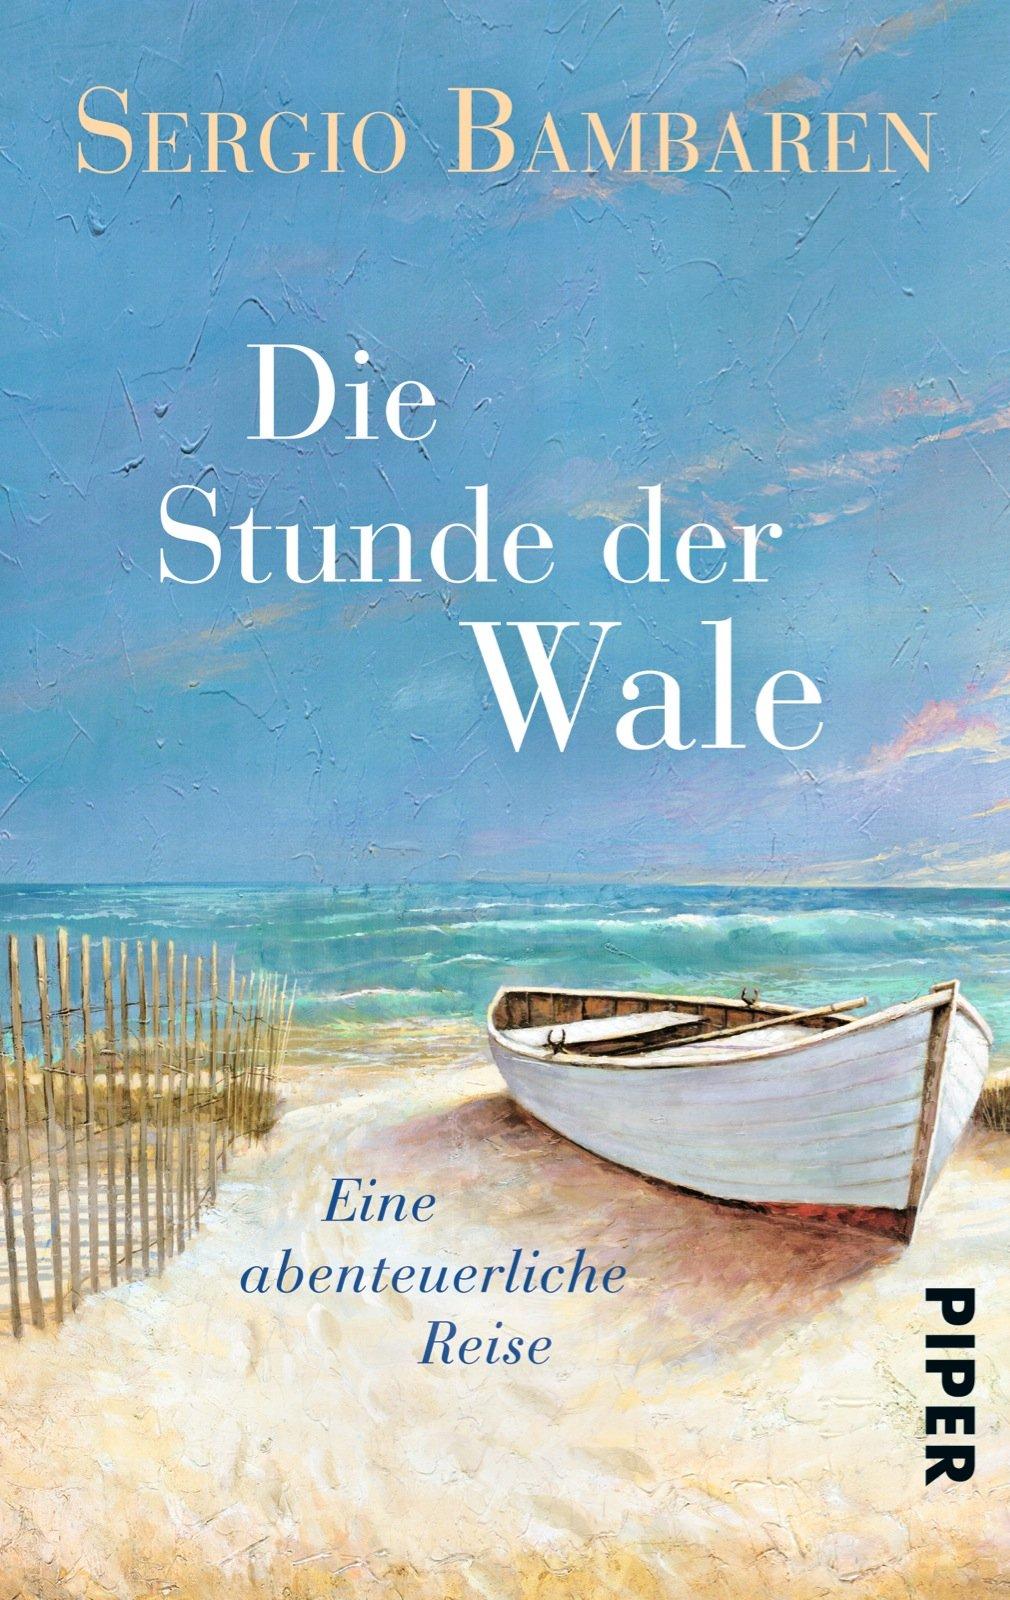 Die Stunde der Wale: Eine abenteuerliche Reise Taschenbuch – 11. August 2014 Sergio Bambaren Gaby Wurster Piper Taschenbuch 3492304850